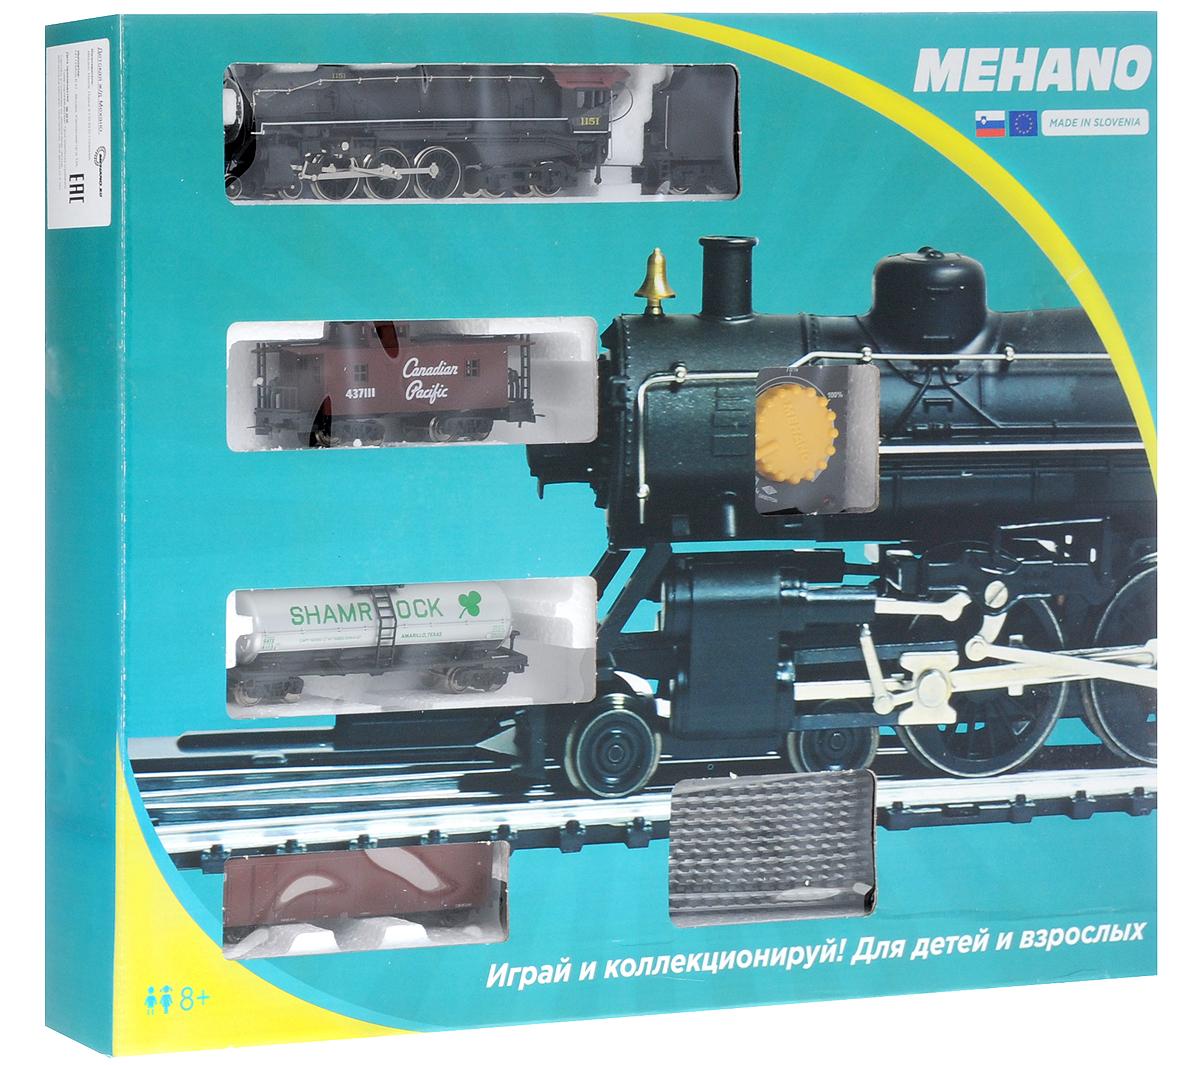 Mehano Железная дорога Prestige с паровозом Lackawanna 1151PR02-264Железная дорога Mehano - миниатюрная копия грузового состава. Мельчайшие детали паровозов, тепловозов и грузовых вагонов, каждая рельефная линия экстерьера тщательно проработаны, благодаря чему состав выглядит более чем реально. Можно вообразить, как этот состав загрузили где-то на миниатюрном перевалочном пункте, а затем он аккуратно вез свой груз по длинным разветвленным путям... Воплотить воображаемое в действительность очень легко: при желании железнодорожное полотно можно увеличить и добавить элементы ландшафта, ведь все элементы железных дорог Mehano совместимы друг с другом. При желании, можно докупить стрелку, перекресток и состав может двигаться на другие участки железной дороги. Рельсы металлические, колеса паровозов и вагонов выполнены из металла. Все элементы комплекта совместимы с другими сборными моделями железной дороги Mehano, так что юный машинист сможет прокладывать различные маршруты, строить новые станции и придумывать неповторимый, свой...